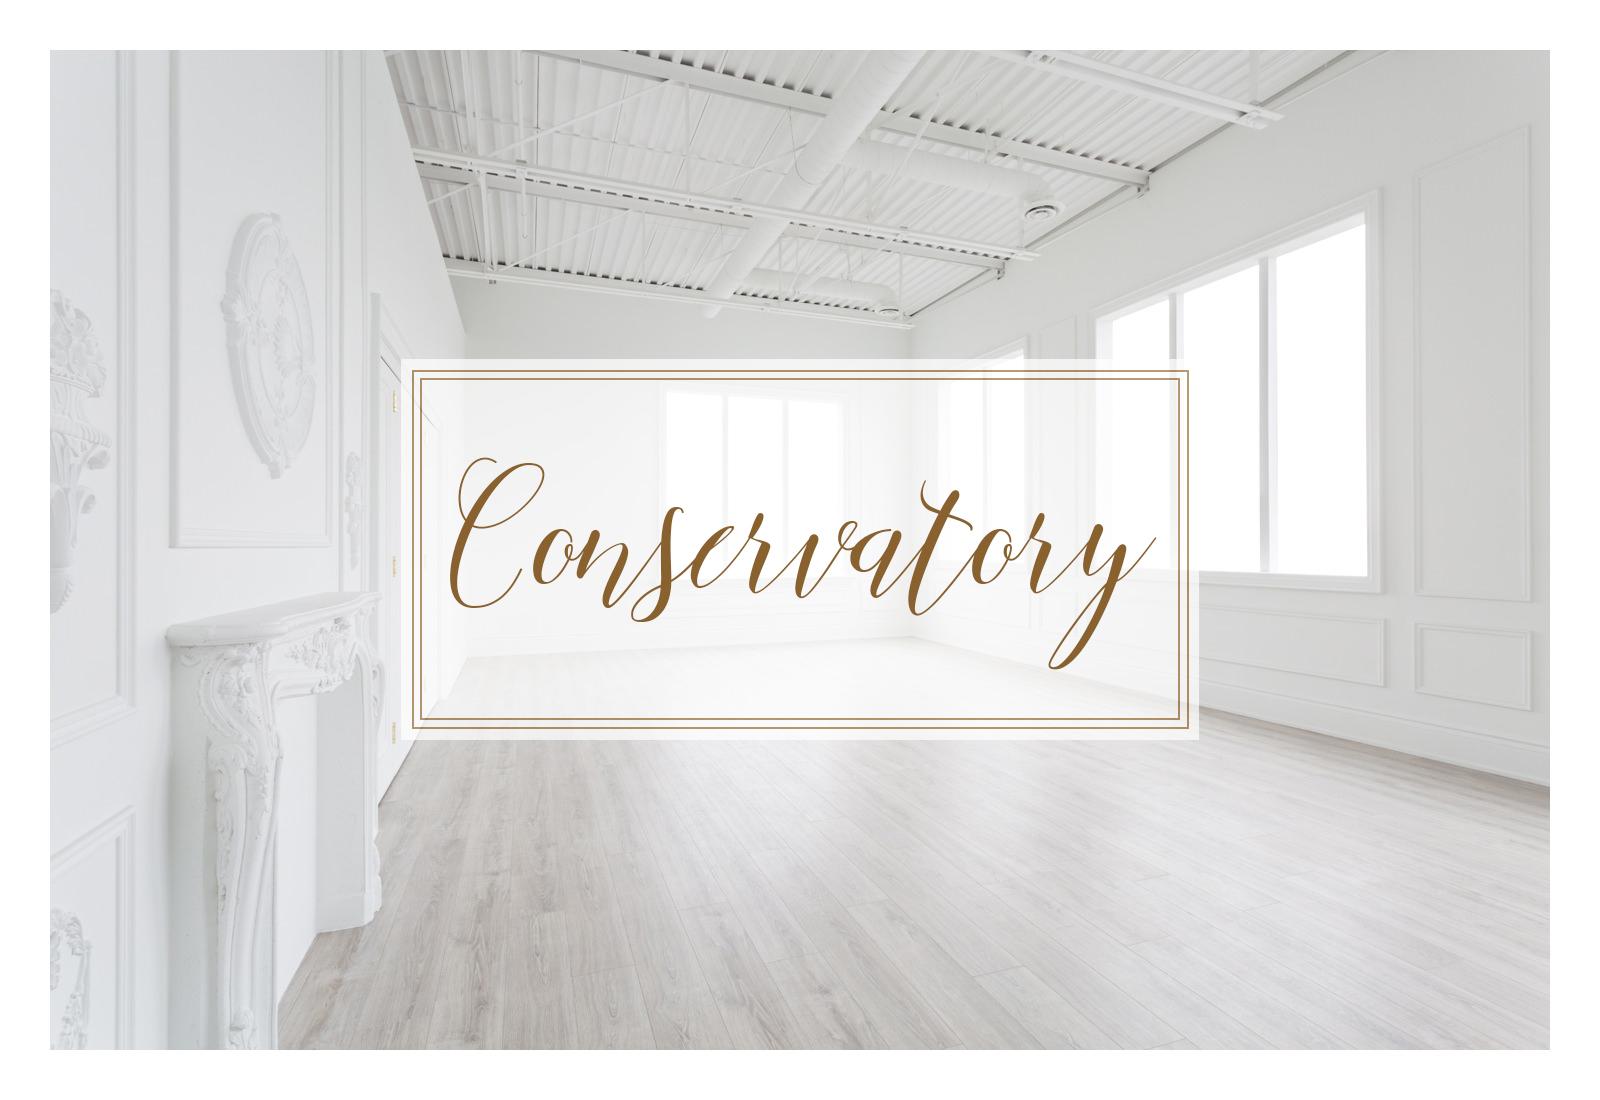 navigation for conservatory